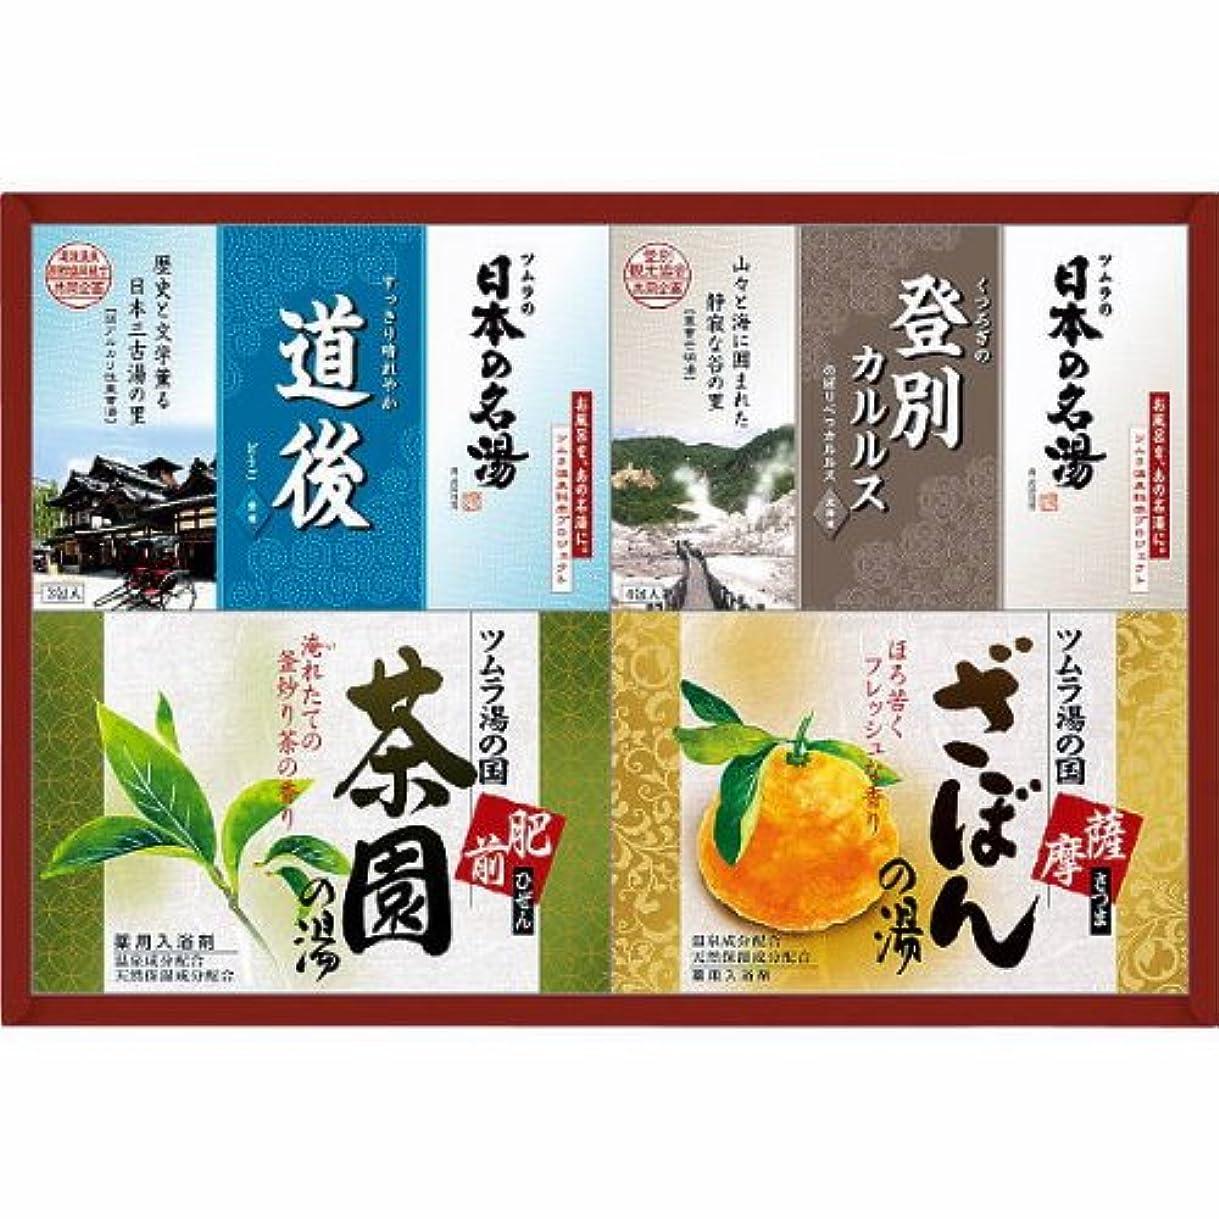 報いる水分禁止ツムラの名湯 湯の国ギフト(入浴剤?入浴料)